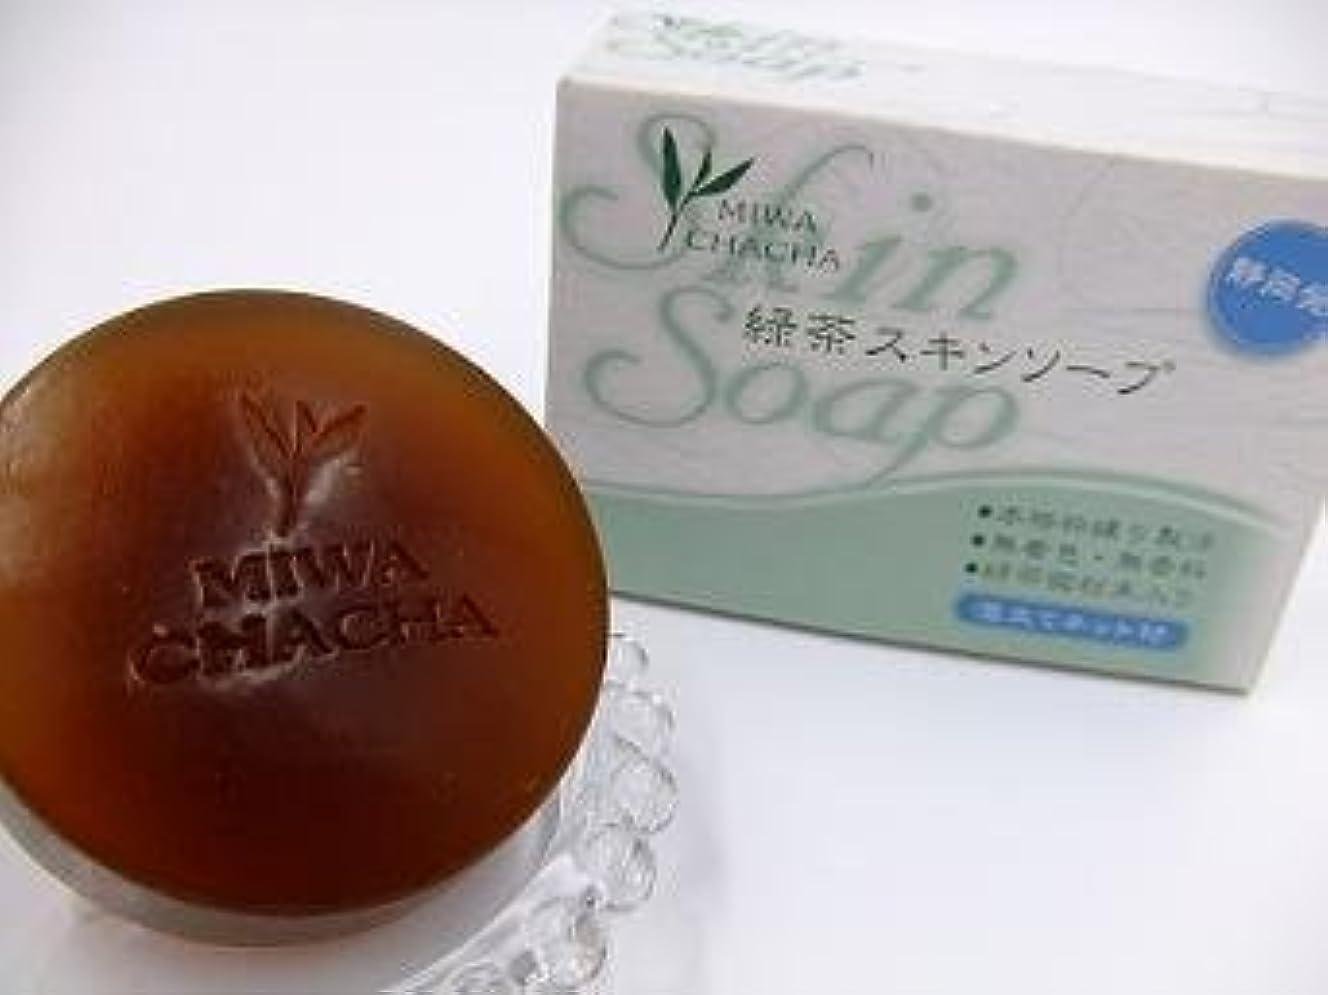 八ダイアクリティカルローブ緑茶スキンソープ(2個セット)